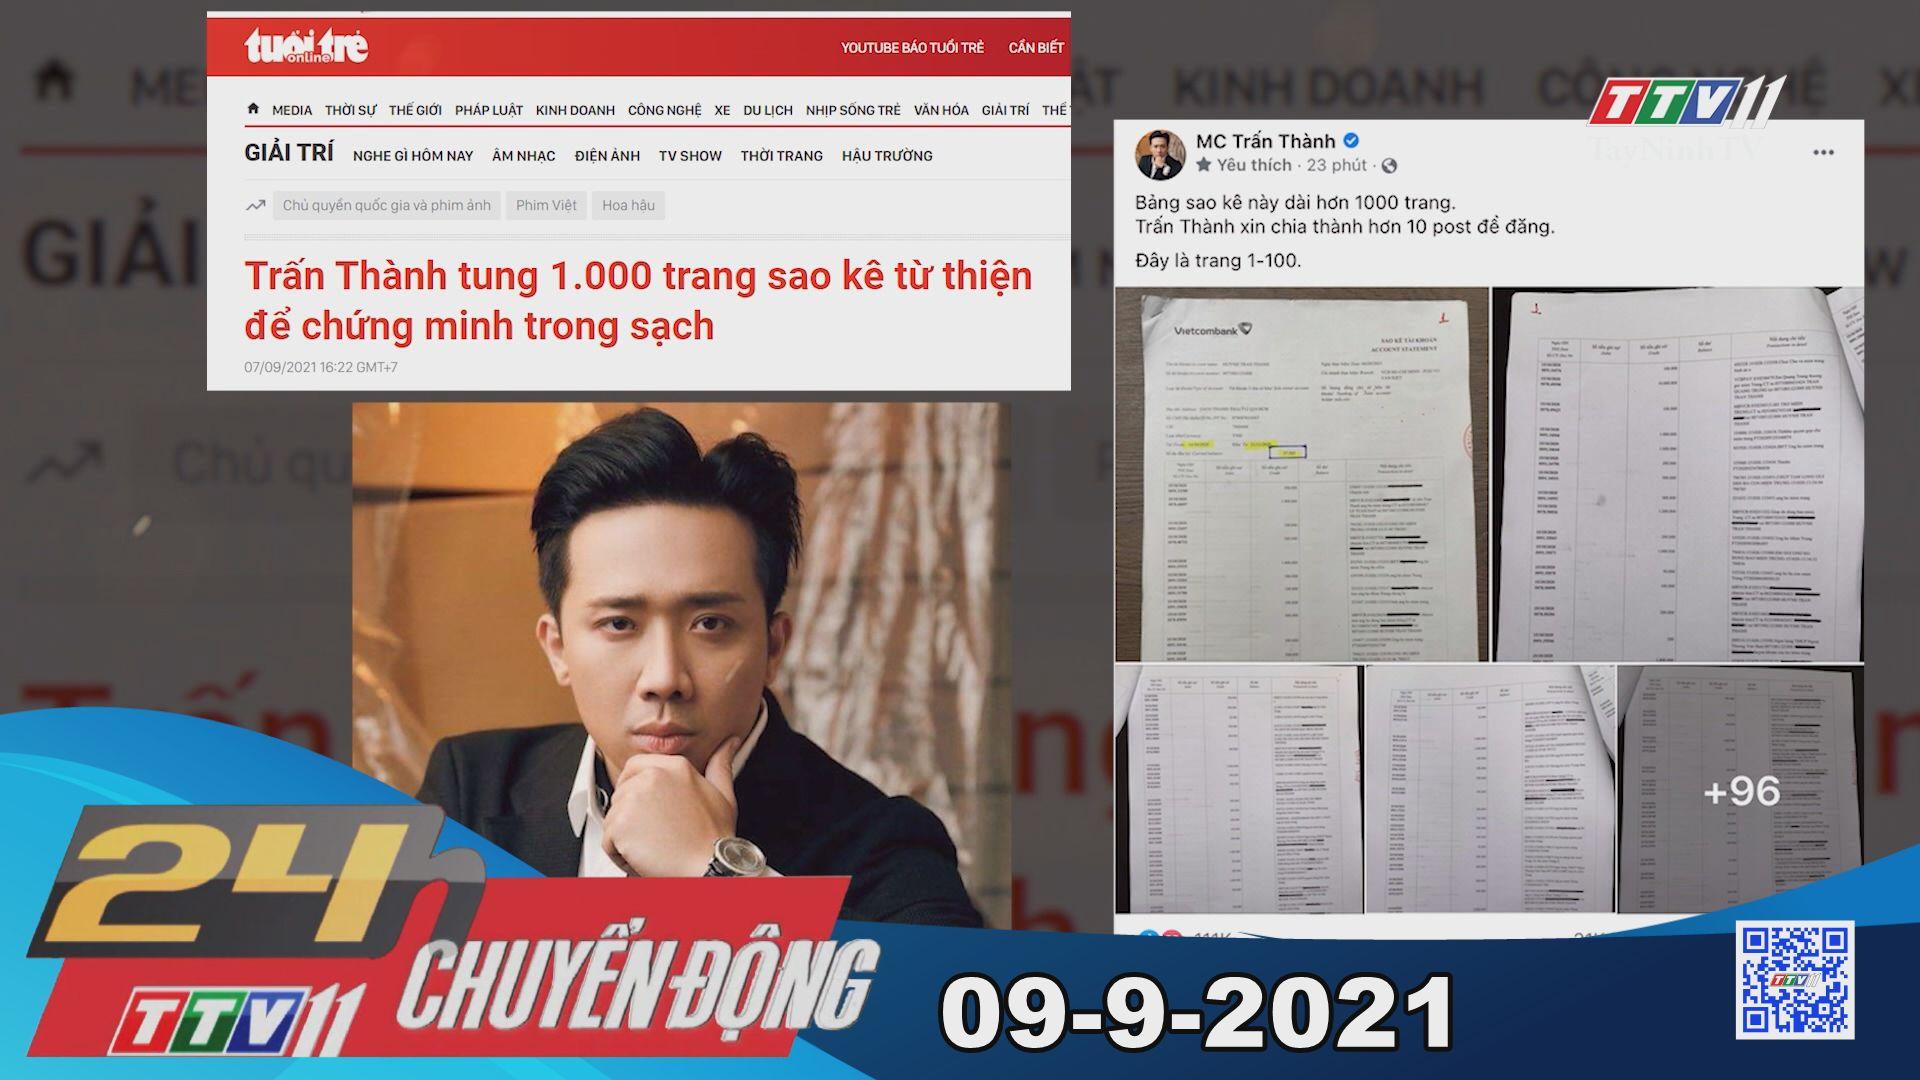 24h Chuyển động 09-9-2021 | Tin tức hôm nay | TayNinhTV